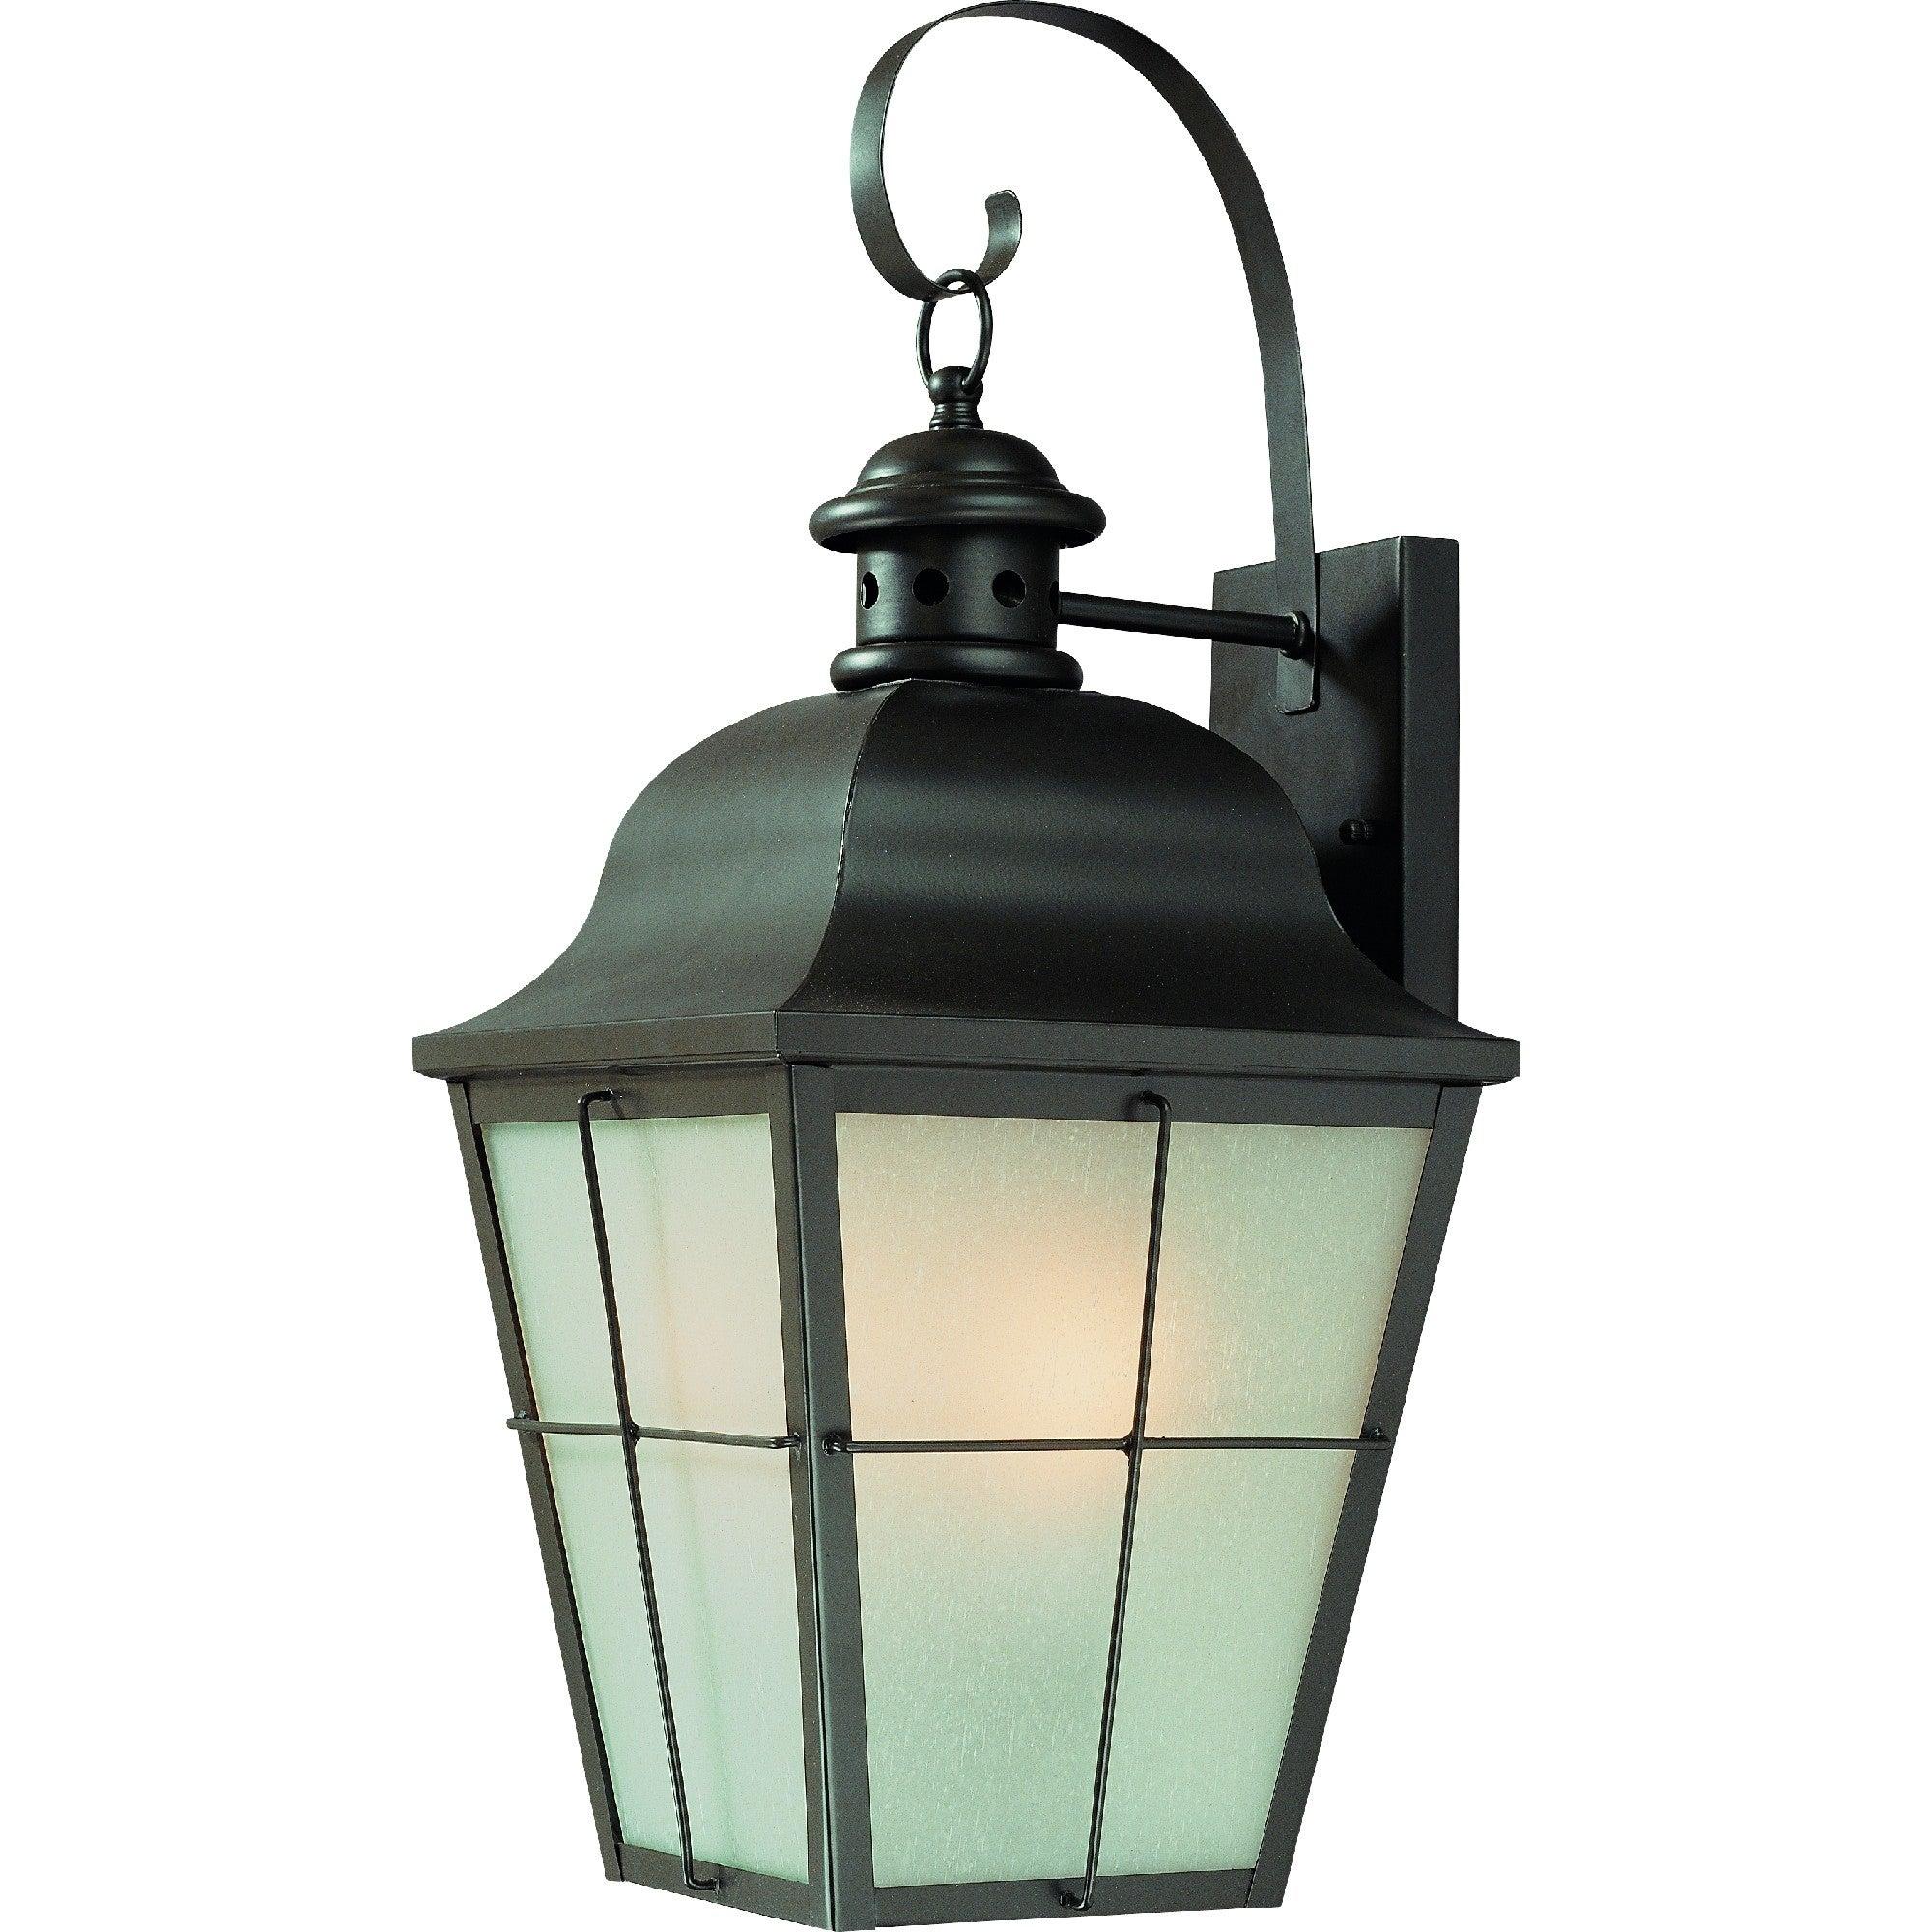 Volume Lighting 3 Light Antique Bronze Outdoor Wall Sconce Overstock 31285692